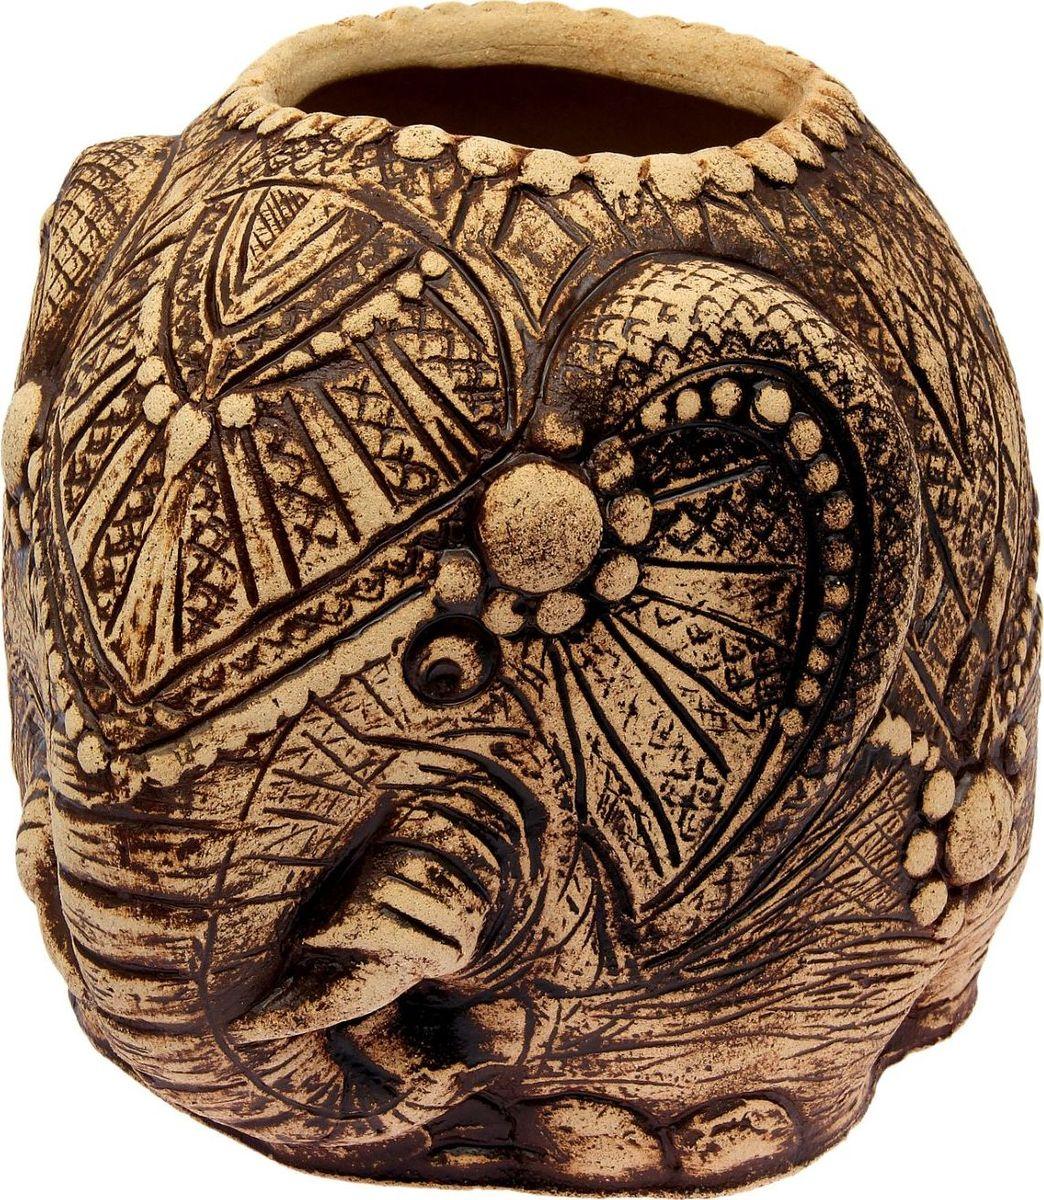 Горшок для цветов Керамика ручной работы Слон индийский, 39 х 36 х 42 см1998803 Горшок Слон индийский 36x42 см — настоящая находка для садоводов. Это замечательное изделие, словно претерпевшее влияние времени, станет изысканной деталью вашего участка.Фигура выполнена исключительно из шамотной глины, которая делает её:абсолютно нетоксичнойустойчивой к воздействию окружающей среды (морозостойкой)устойчивой к изменению цвета и структуры (не шелушится и не облезает). При декорировании используются только качественные пигменты. Глина обжигается в два этапа: утилитный (900 °С) с последующим декорированием и политой (1100 °С). Такая технология придаёт изделию необходимую крепость.